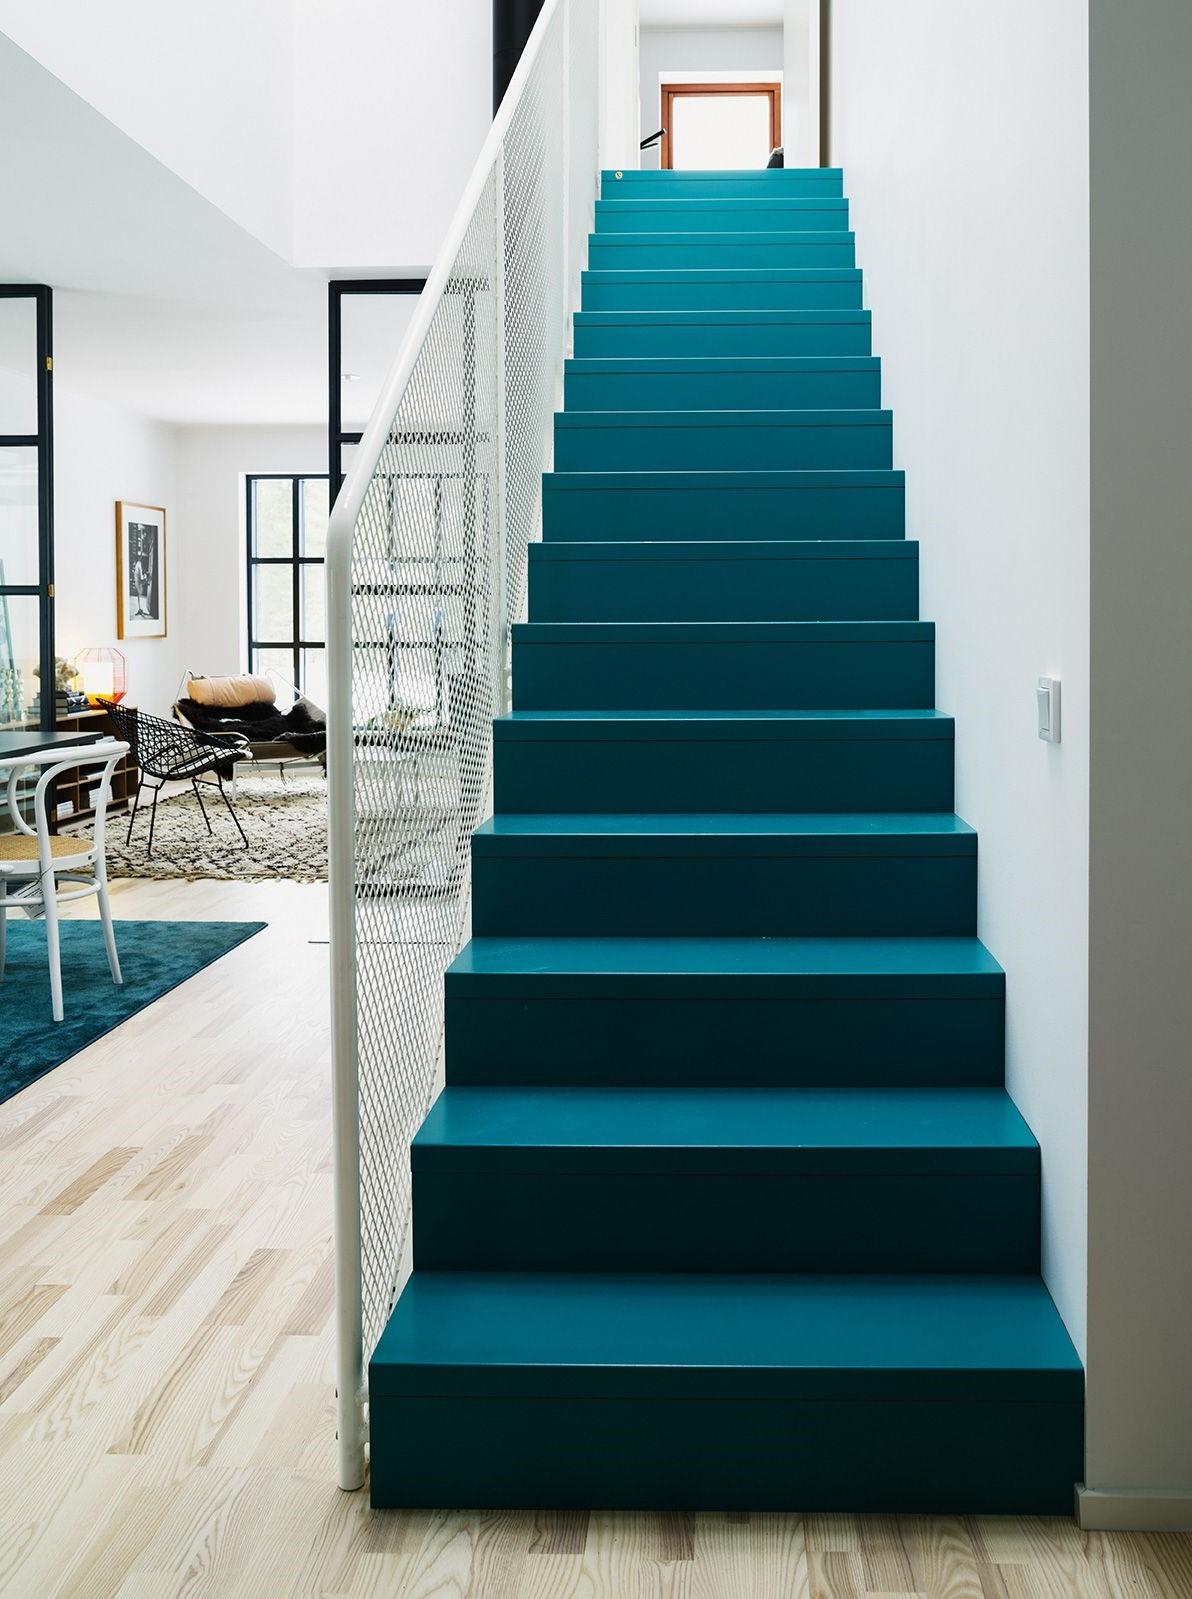 Moderniser un escalier en bois : fifférentes nuances de bleu créeront une atmosphère différente.